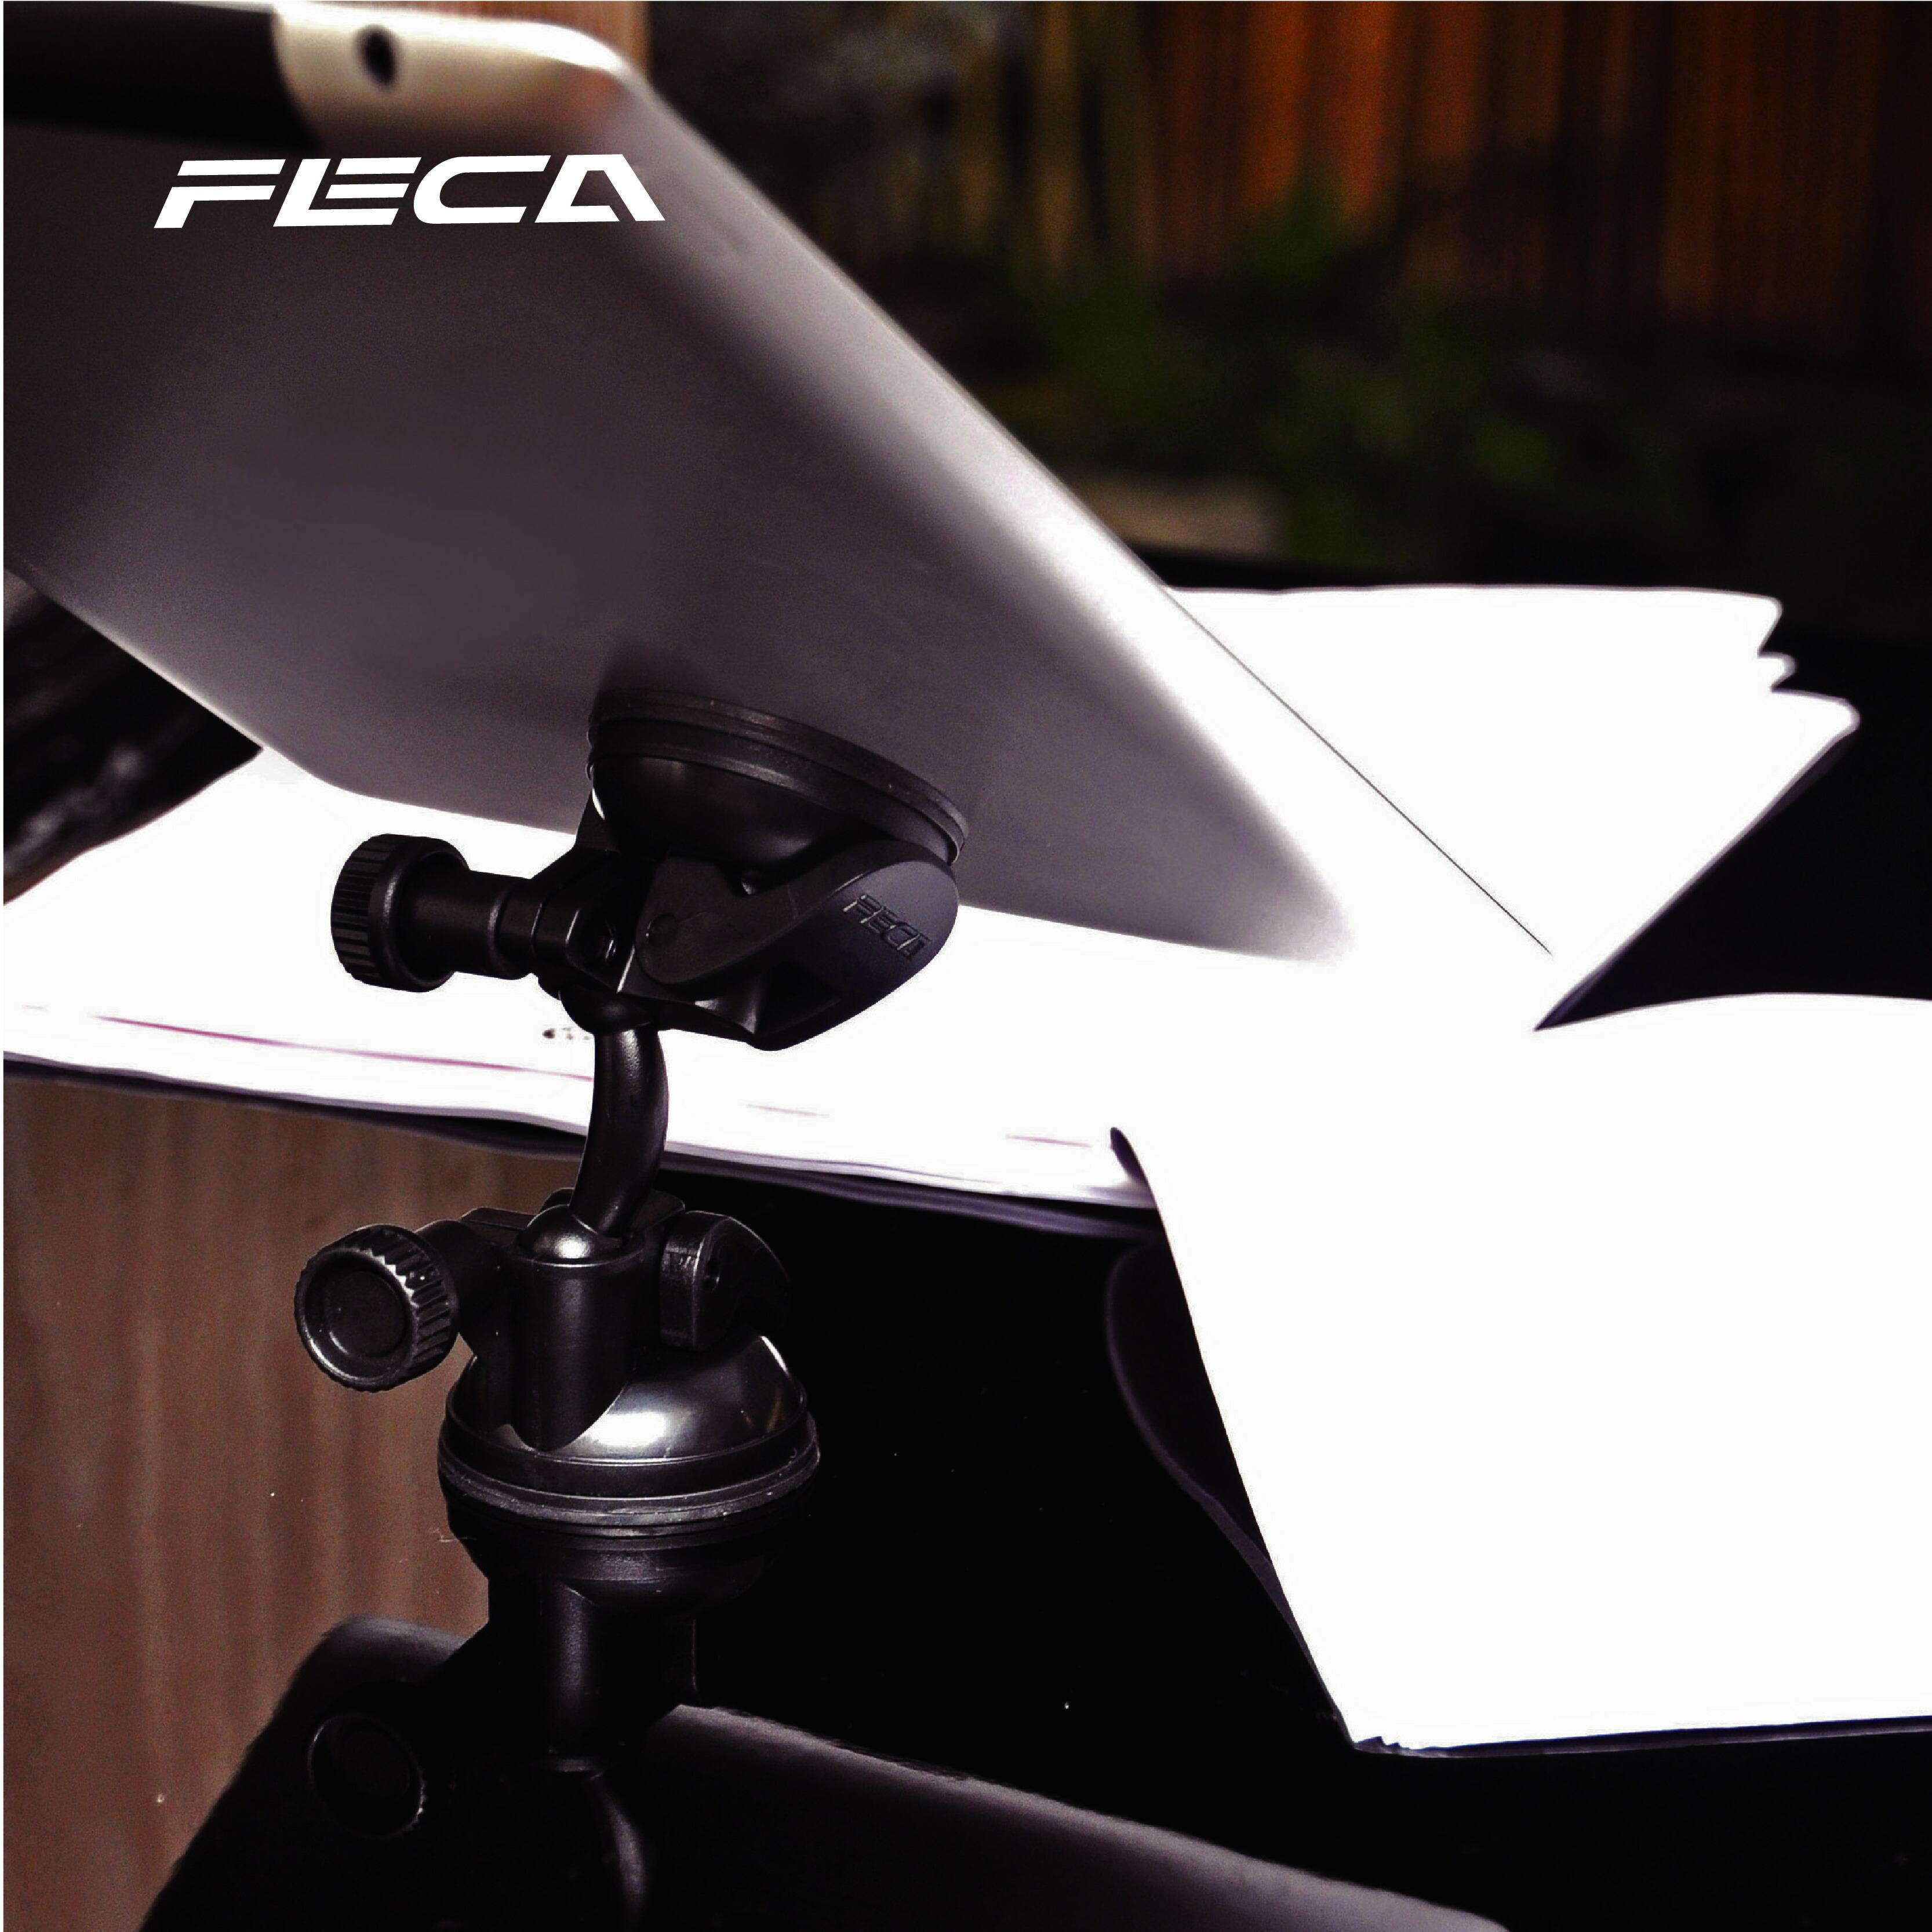 吸盤式ホルダー スマホ タブレット ナビゲーション 360度回転可能【FECA】【台湾直送】